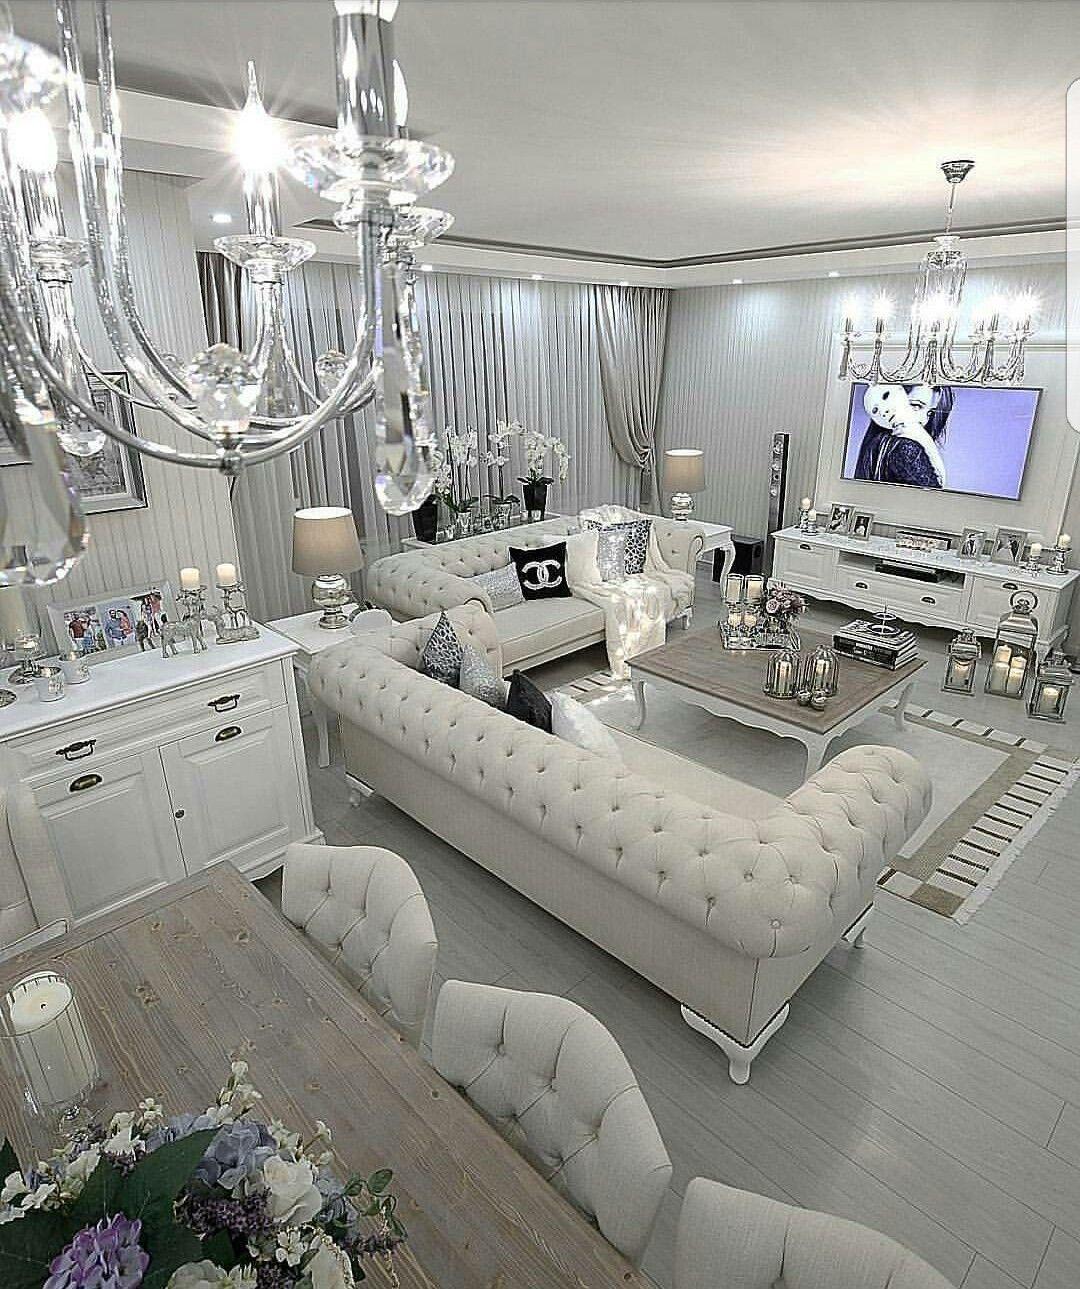 10 Living Room Tile Ideas 2020 The Pretty Floor Modern Glam